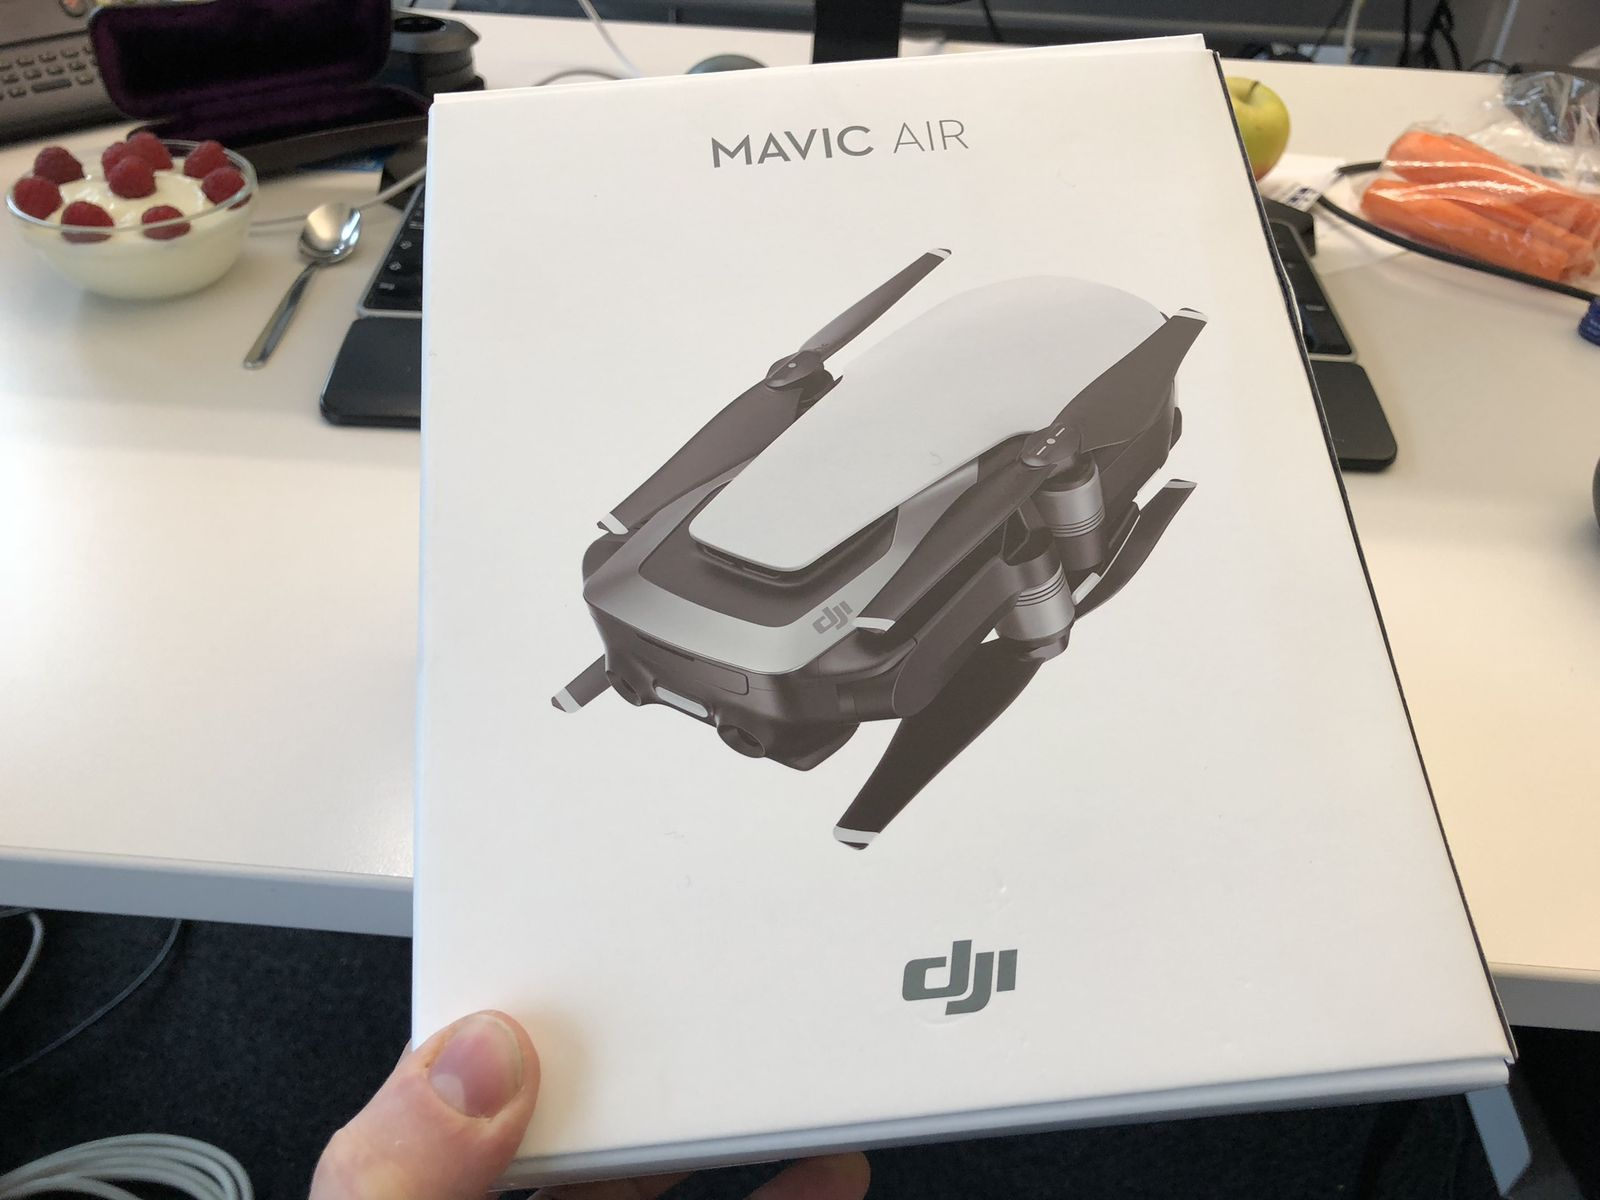 Newsletter/ Mavic Air